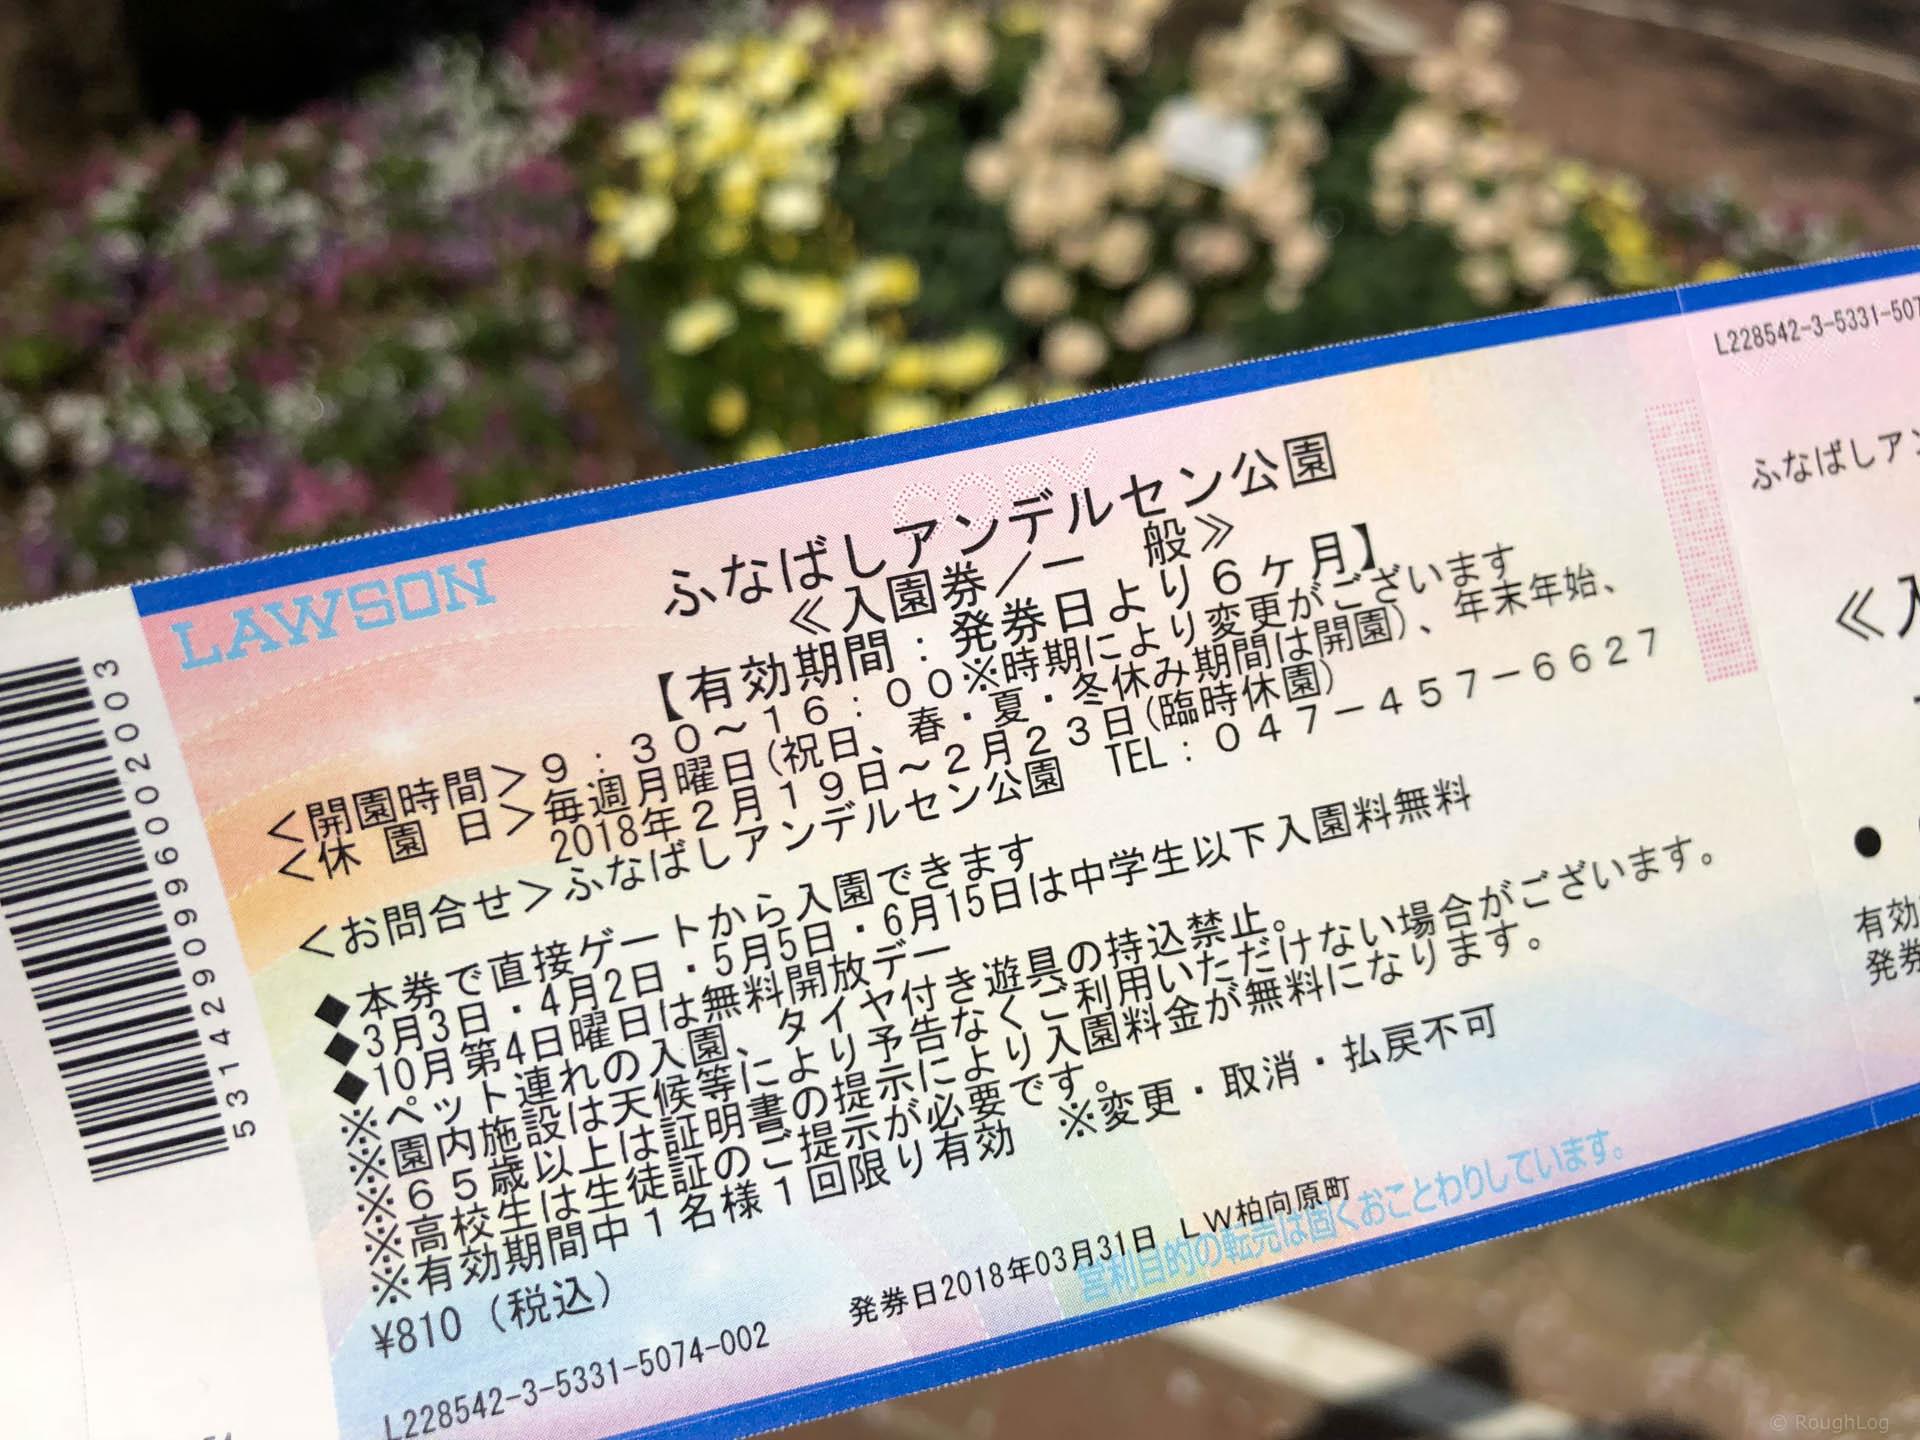 千葉県船橋市の「ふなばしアンデルセン公園」チケット